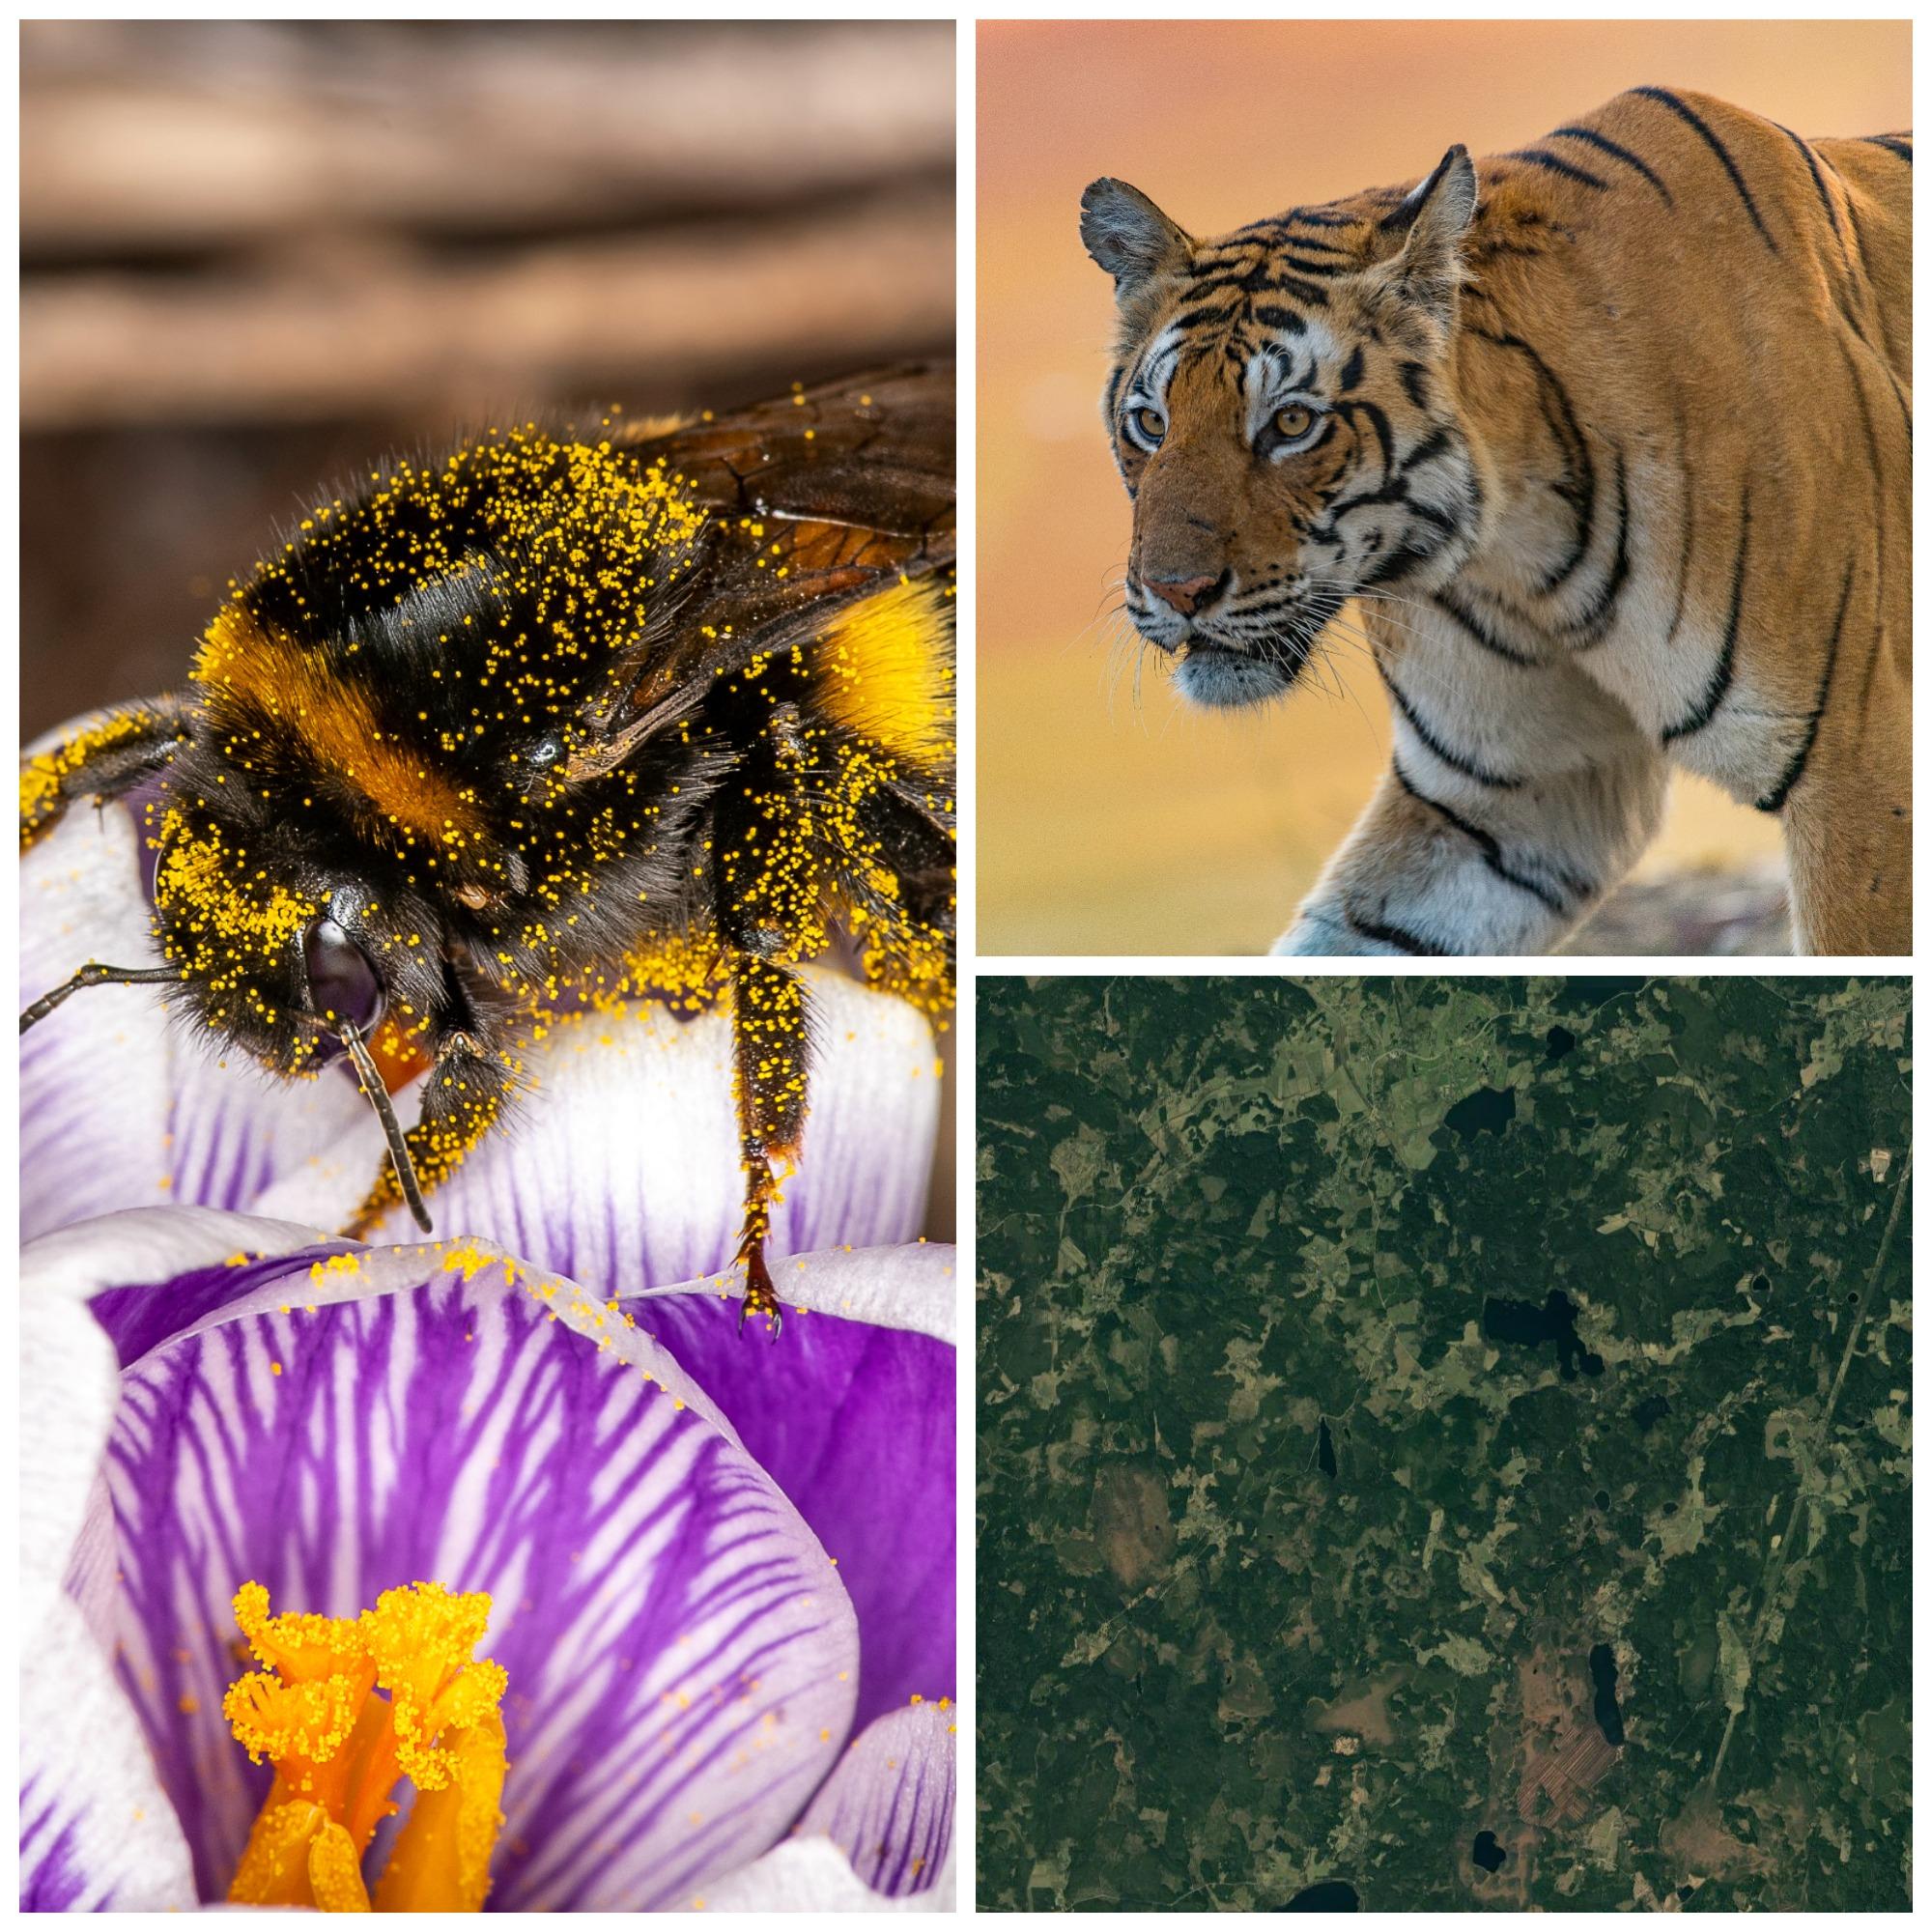 Randiga djur: Biologisk mångfald i världen & i Östra Vätterbranterna